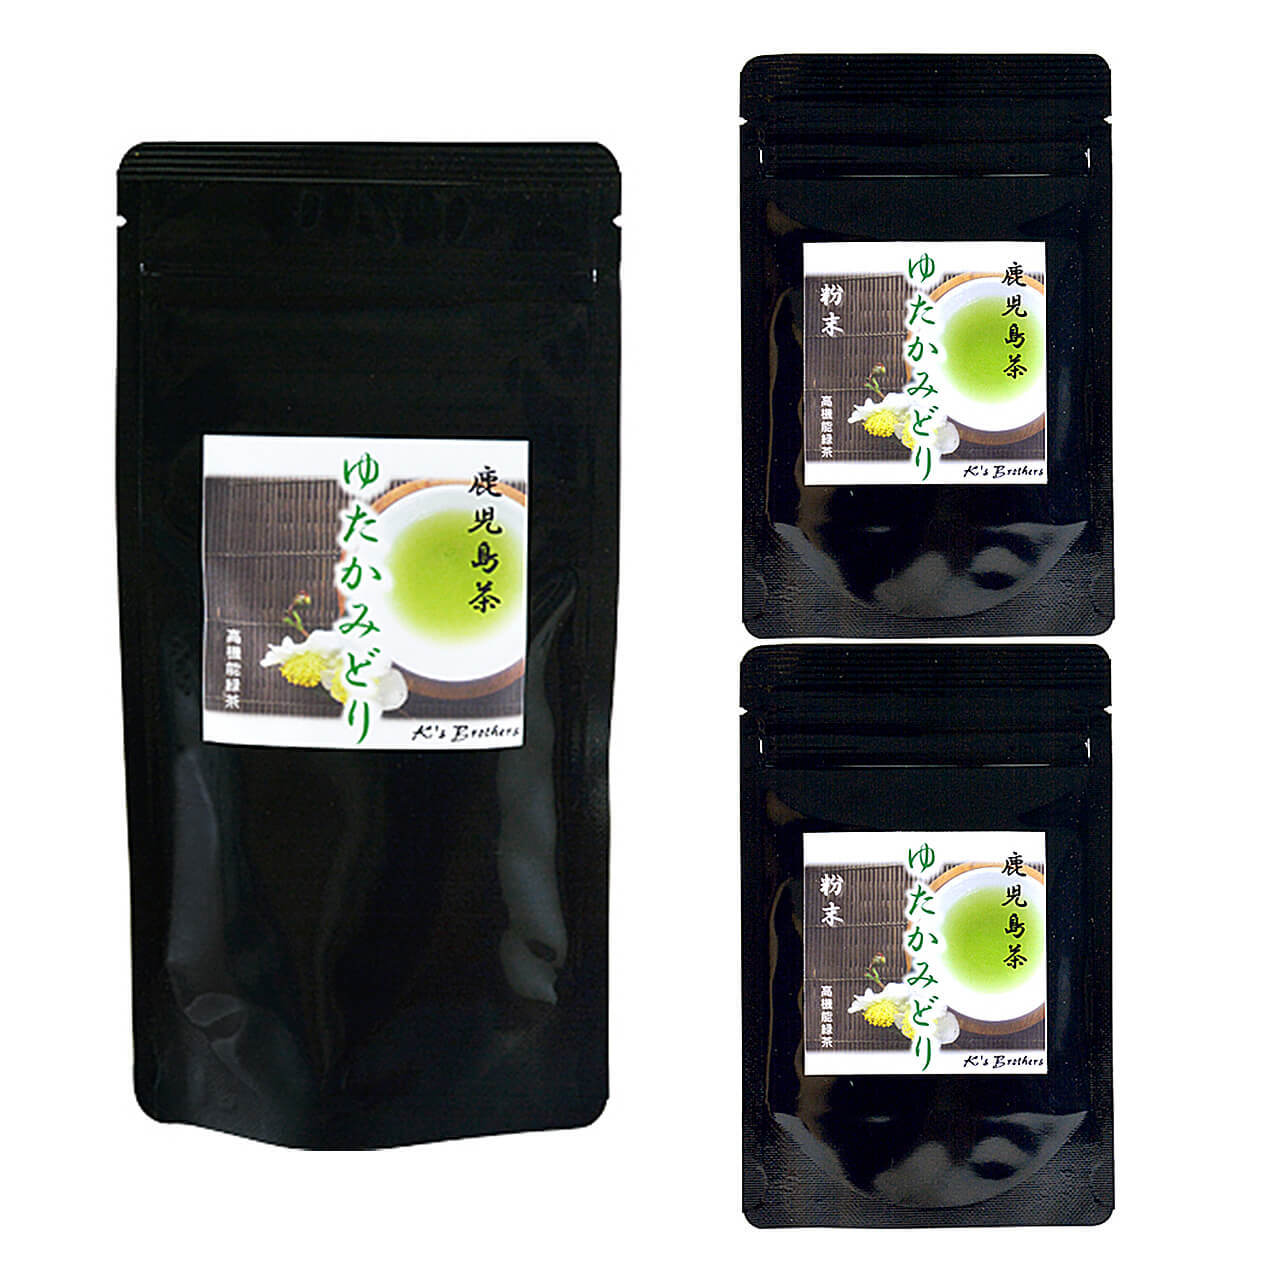 お茶 緑茶 お茶の葉 ゆたかみどり セット 鹿児島 小牧緑峰園